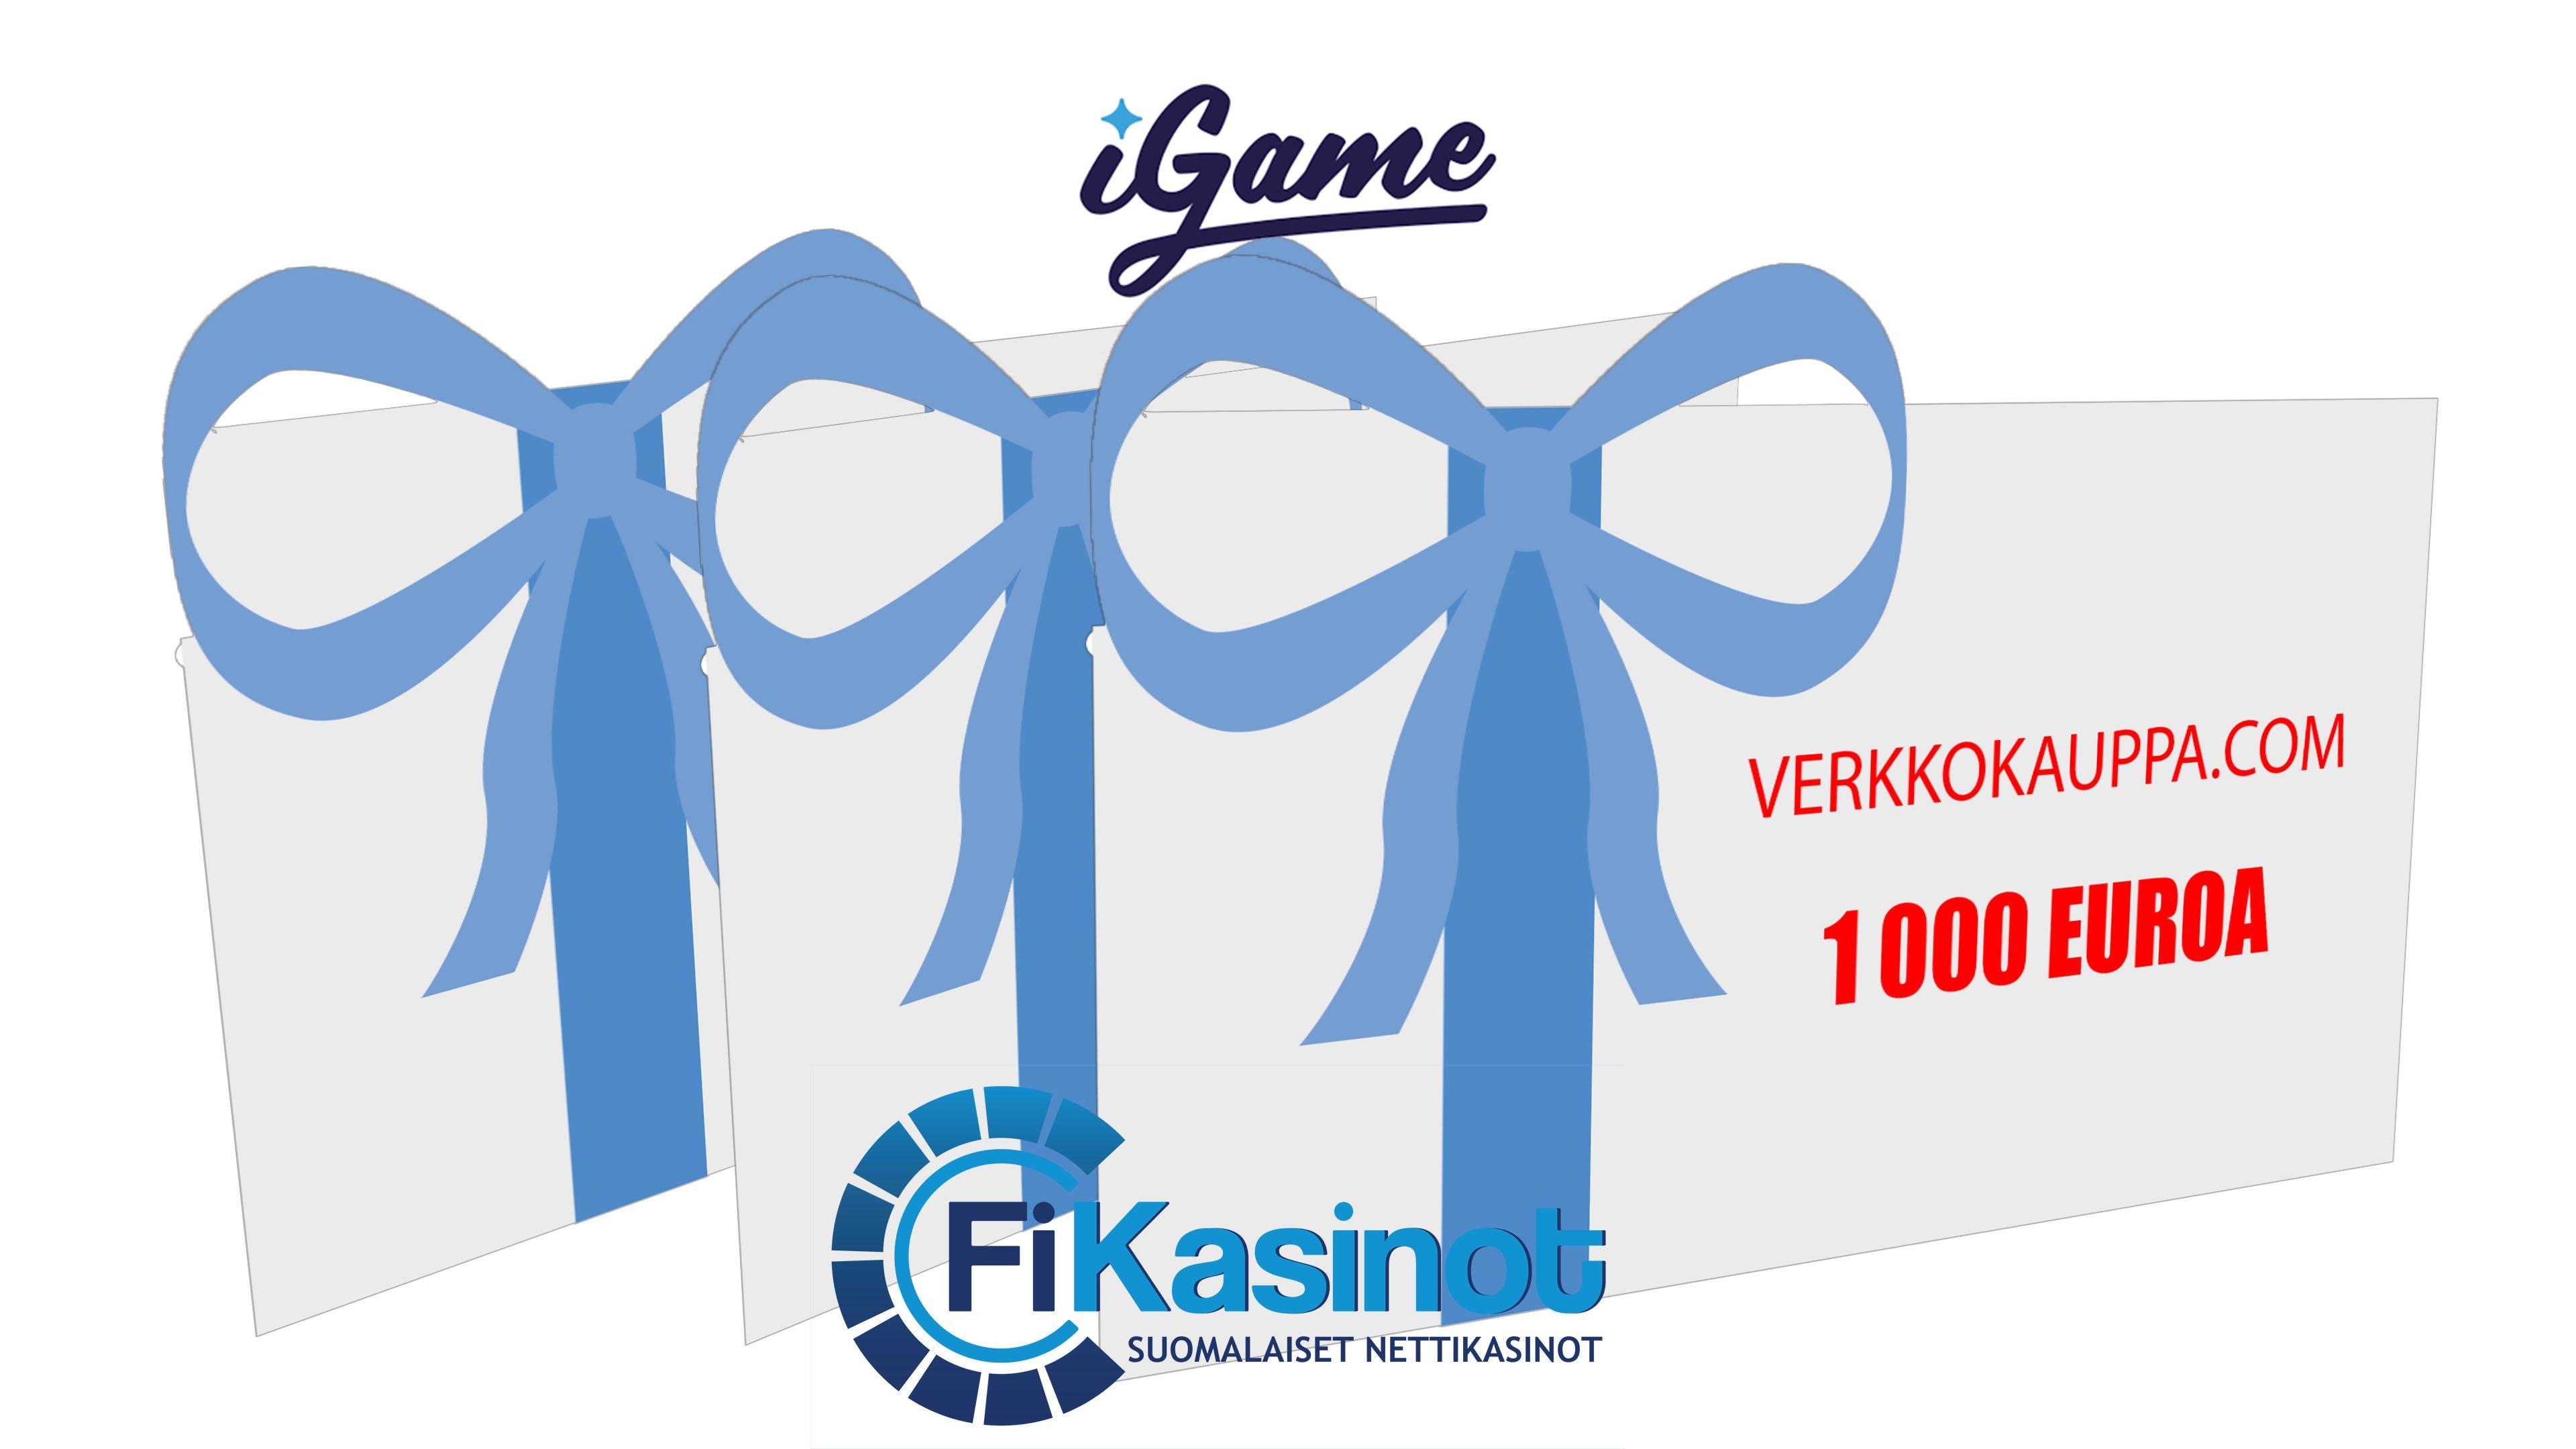 1 000 euron lahjakortti Verkkokauppaan